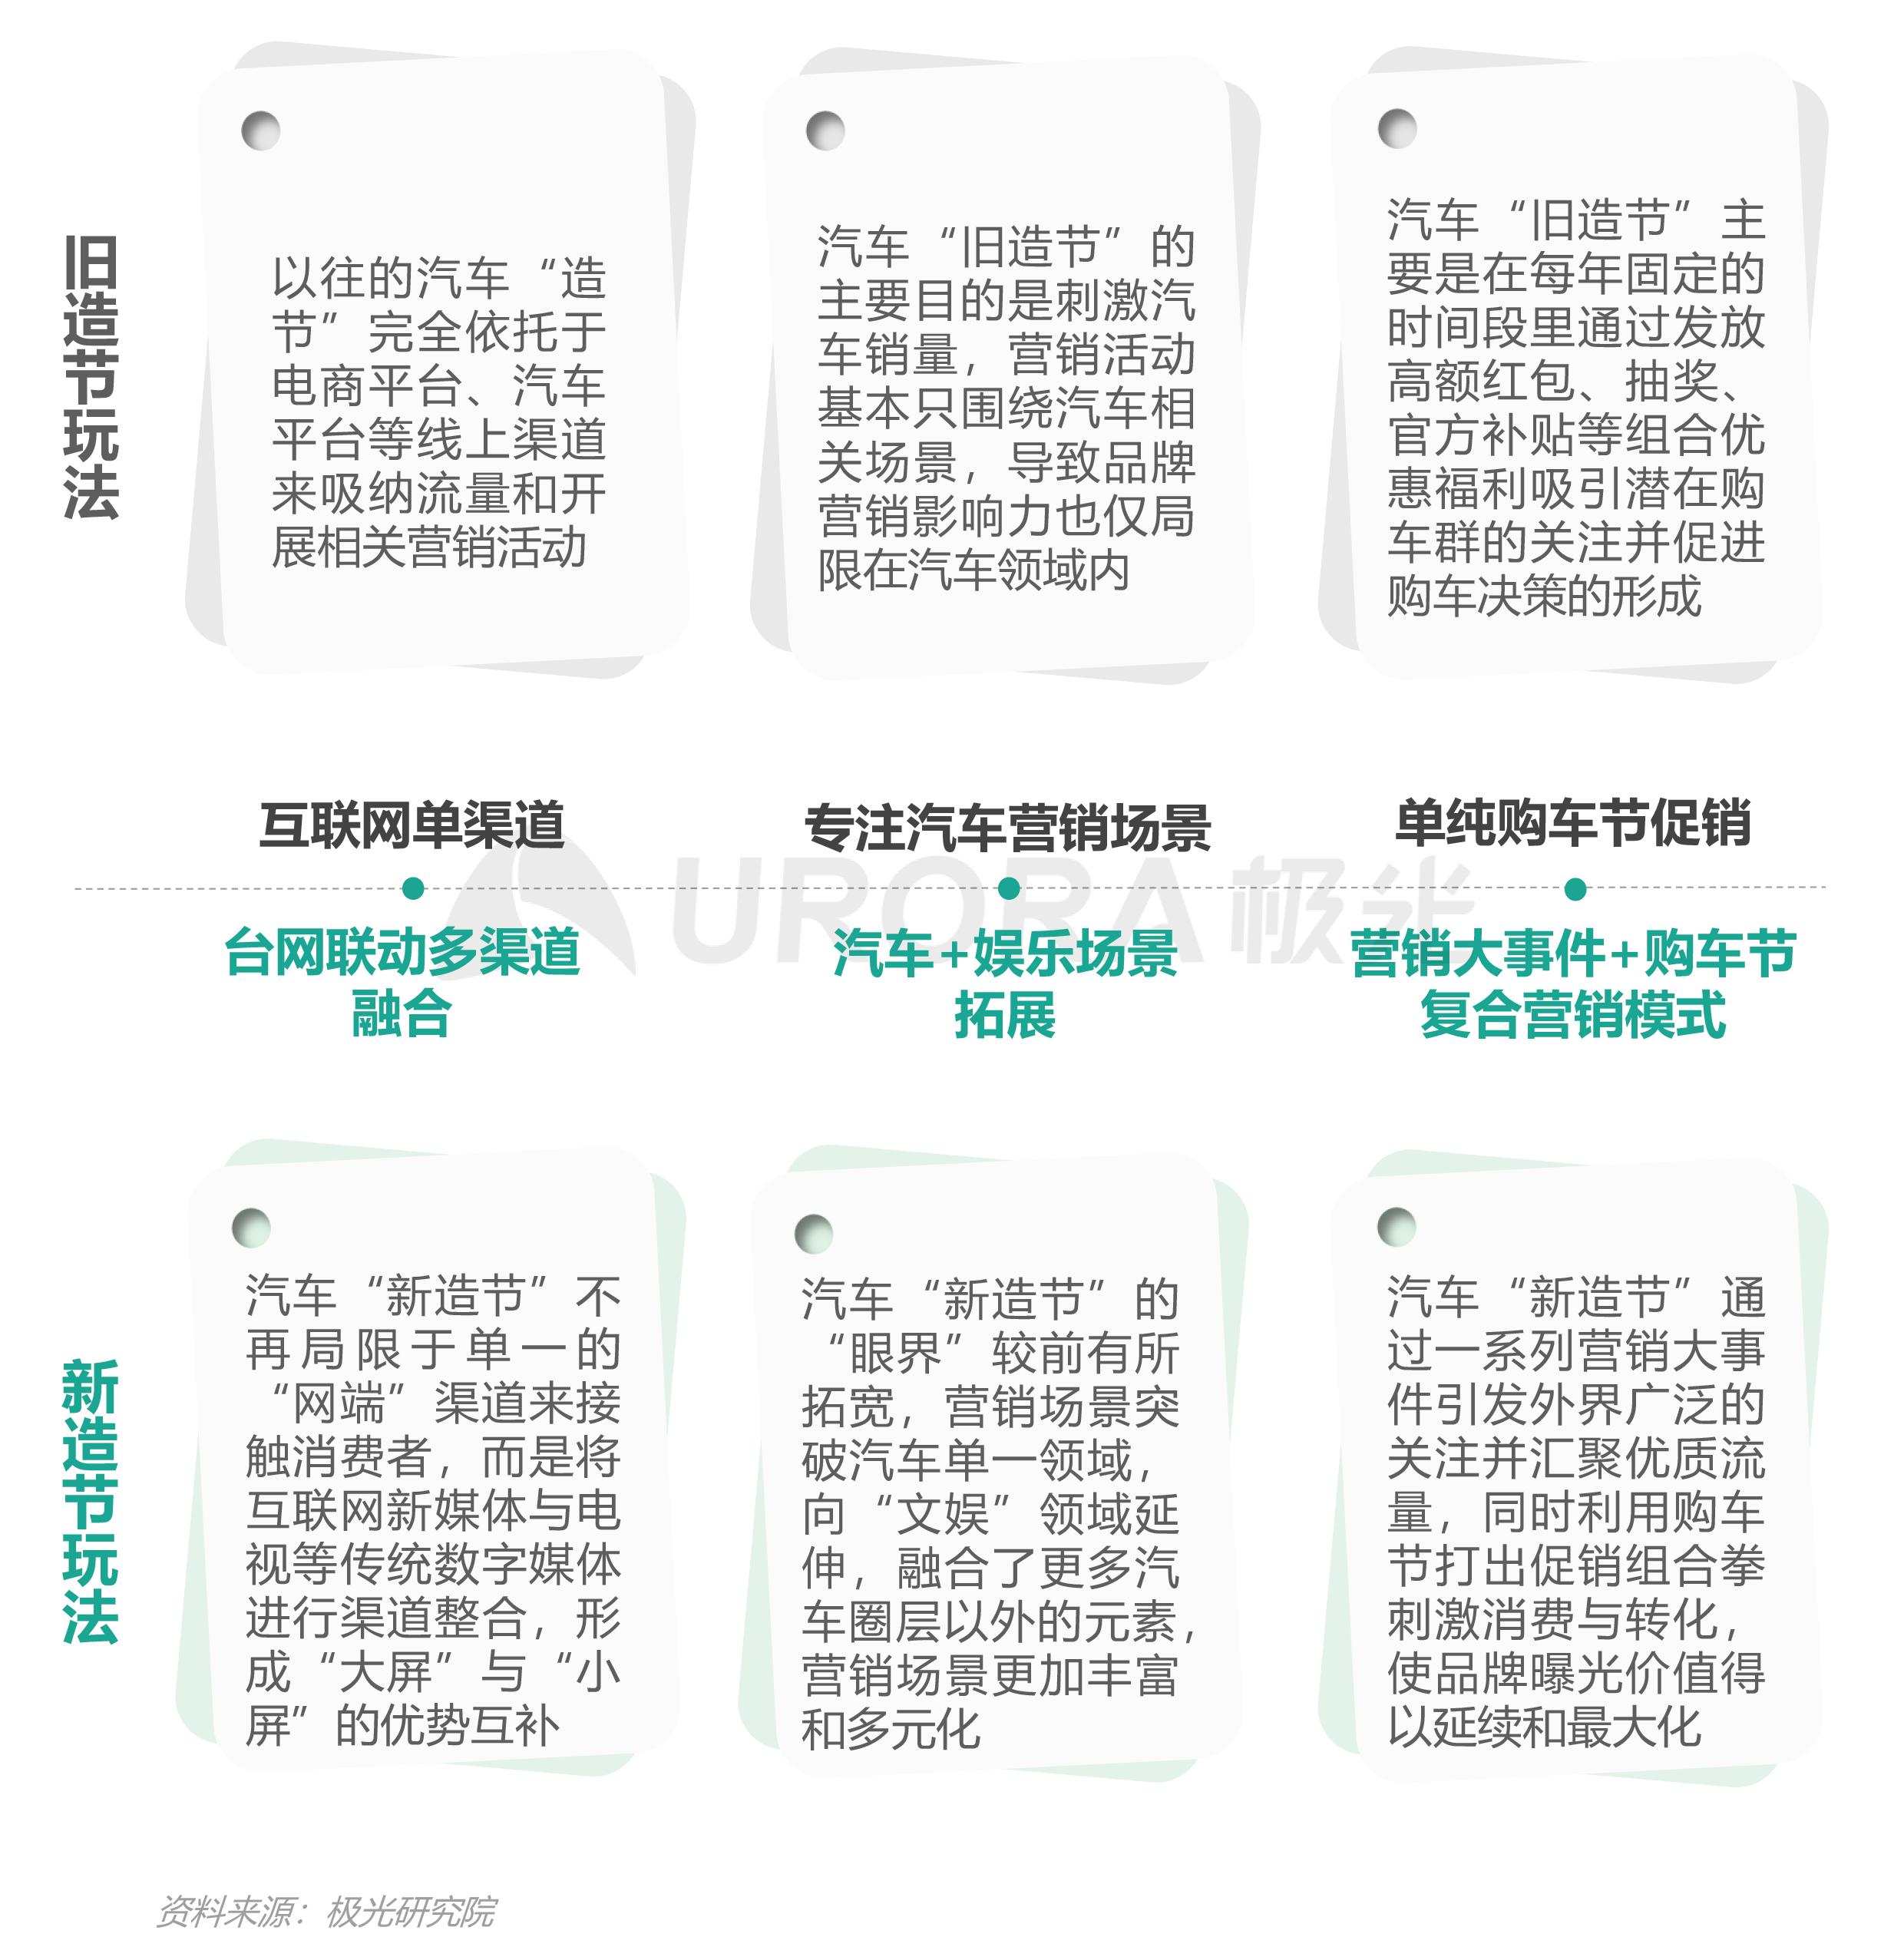 """汽车行业""""新造节""""营销趋势研究报告【定稿】-15.png"""